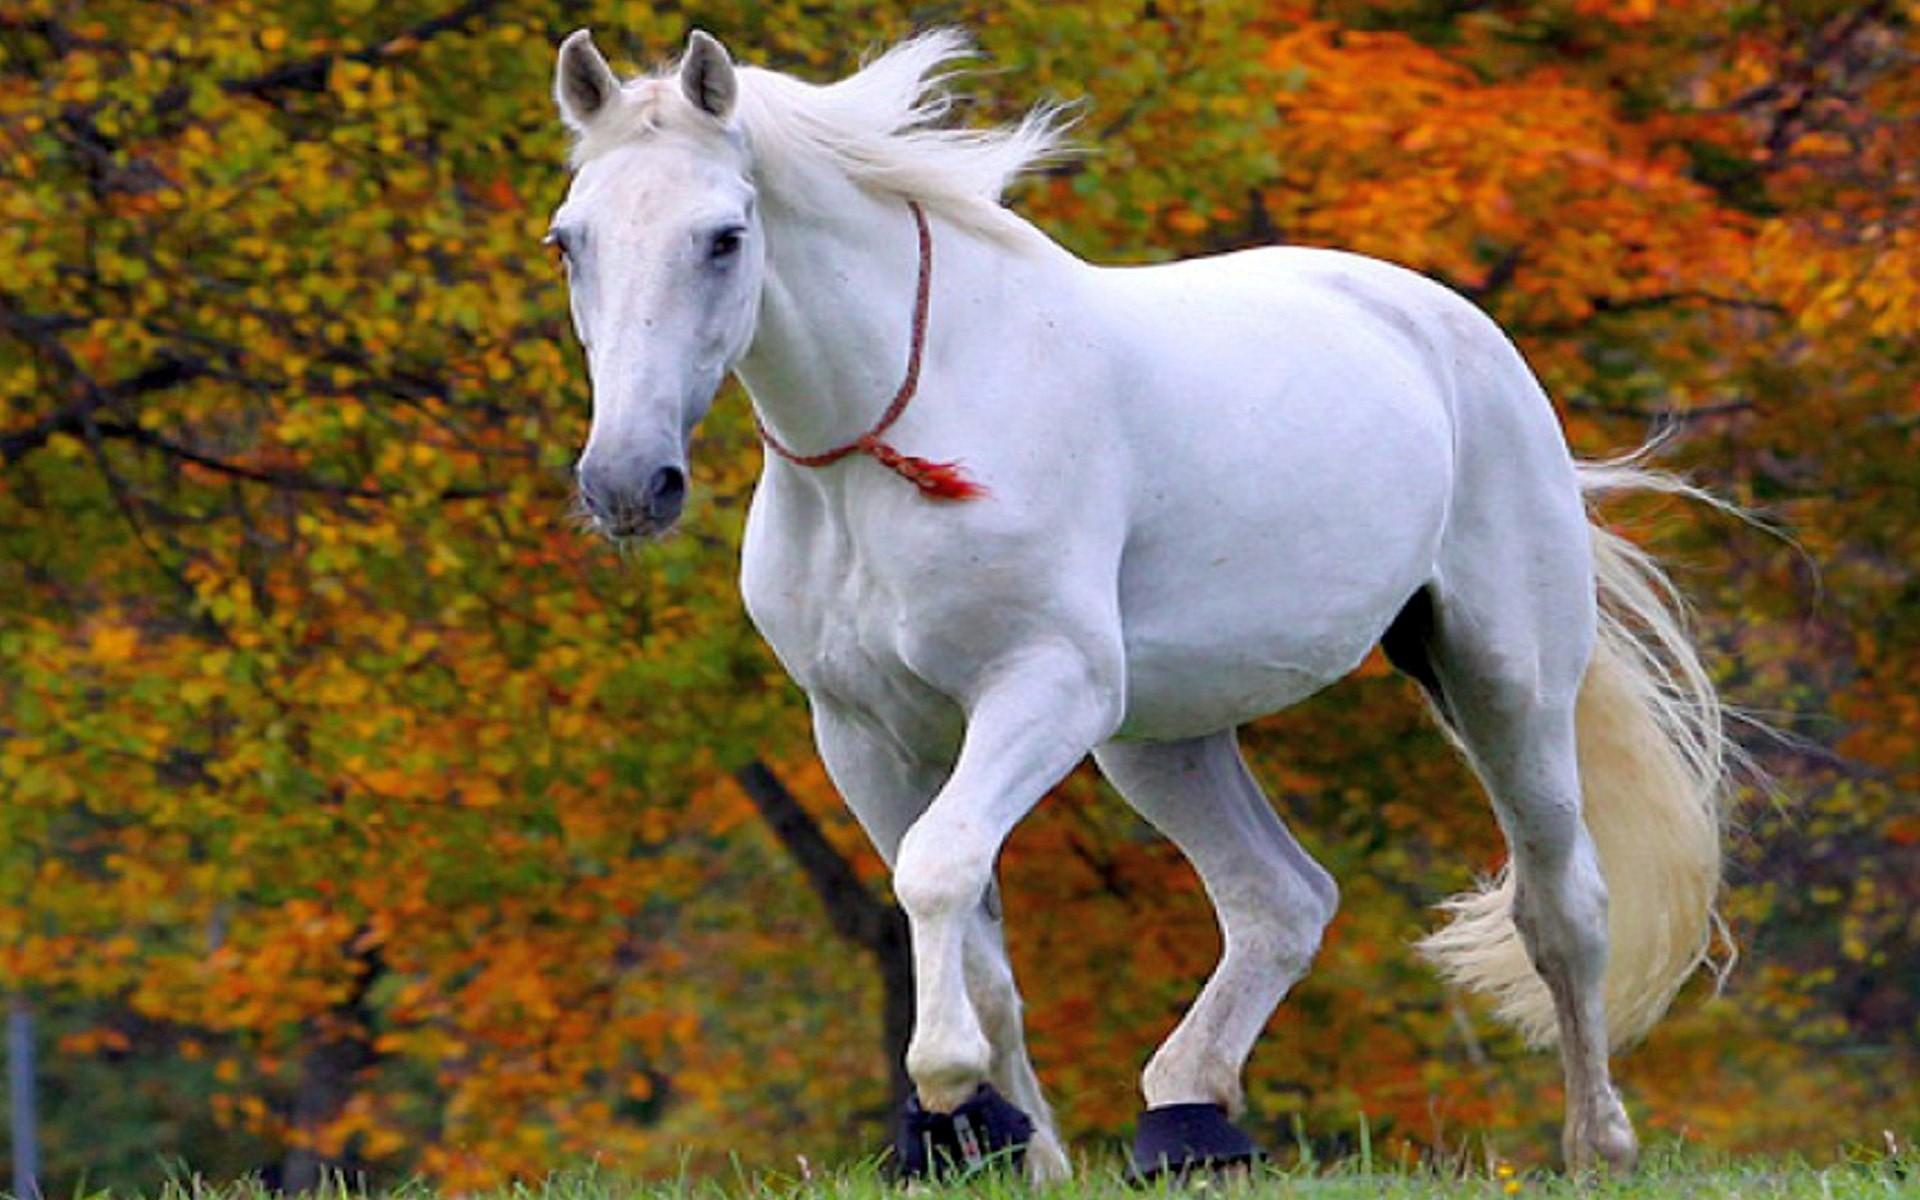 22 जुलाई को सफेद घोड़े से भी तेज दौड़ेगा इन राशियों का नसीब, पलट जाएगी 6  राशियों की तकदीर - Sabkuchgyan